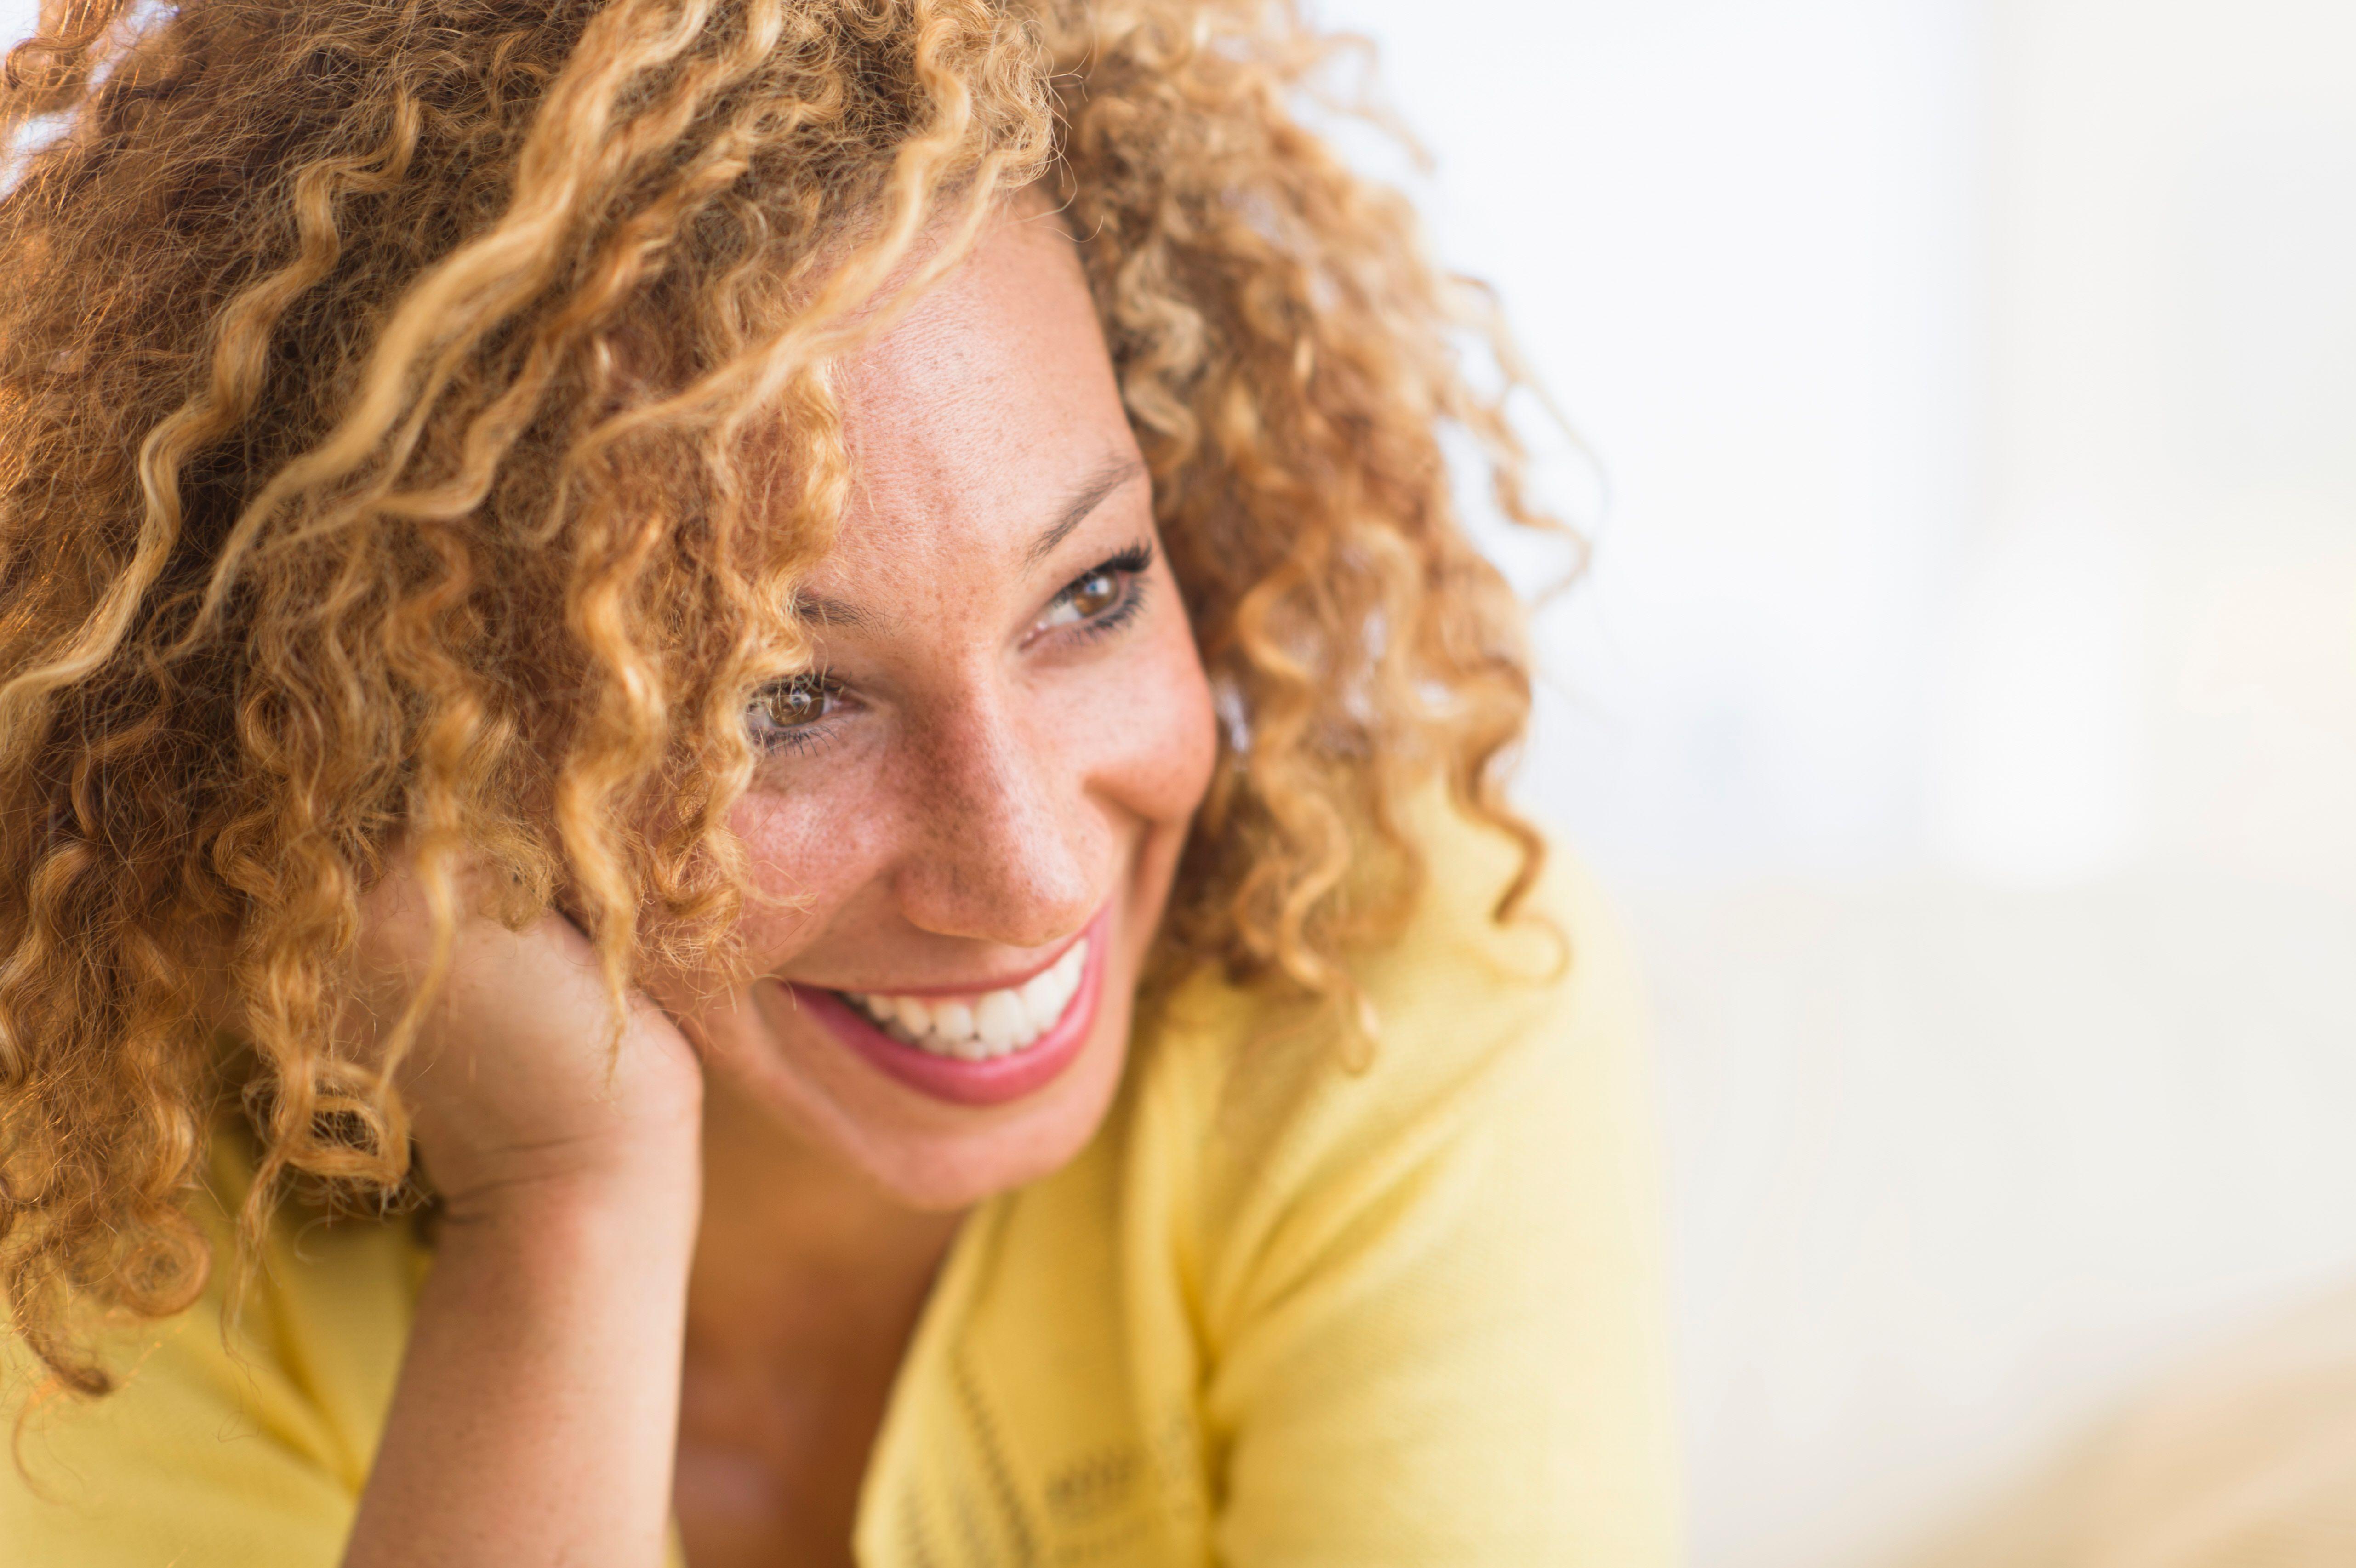 A woman smiles